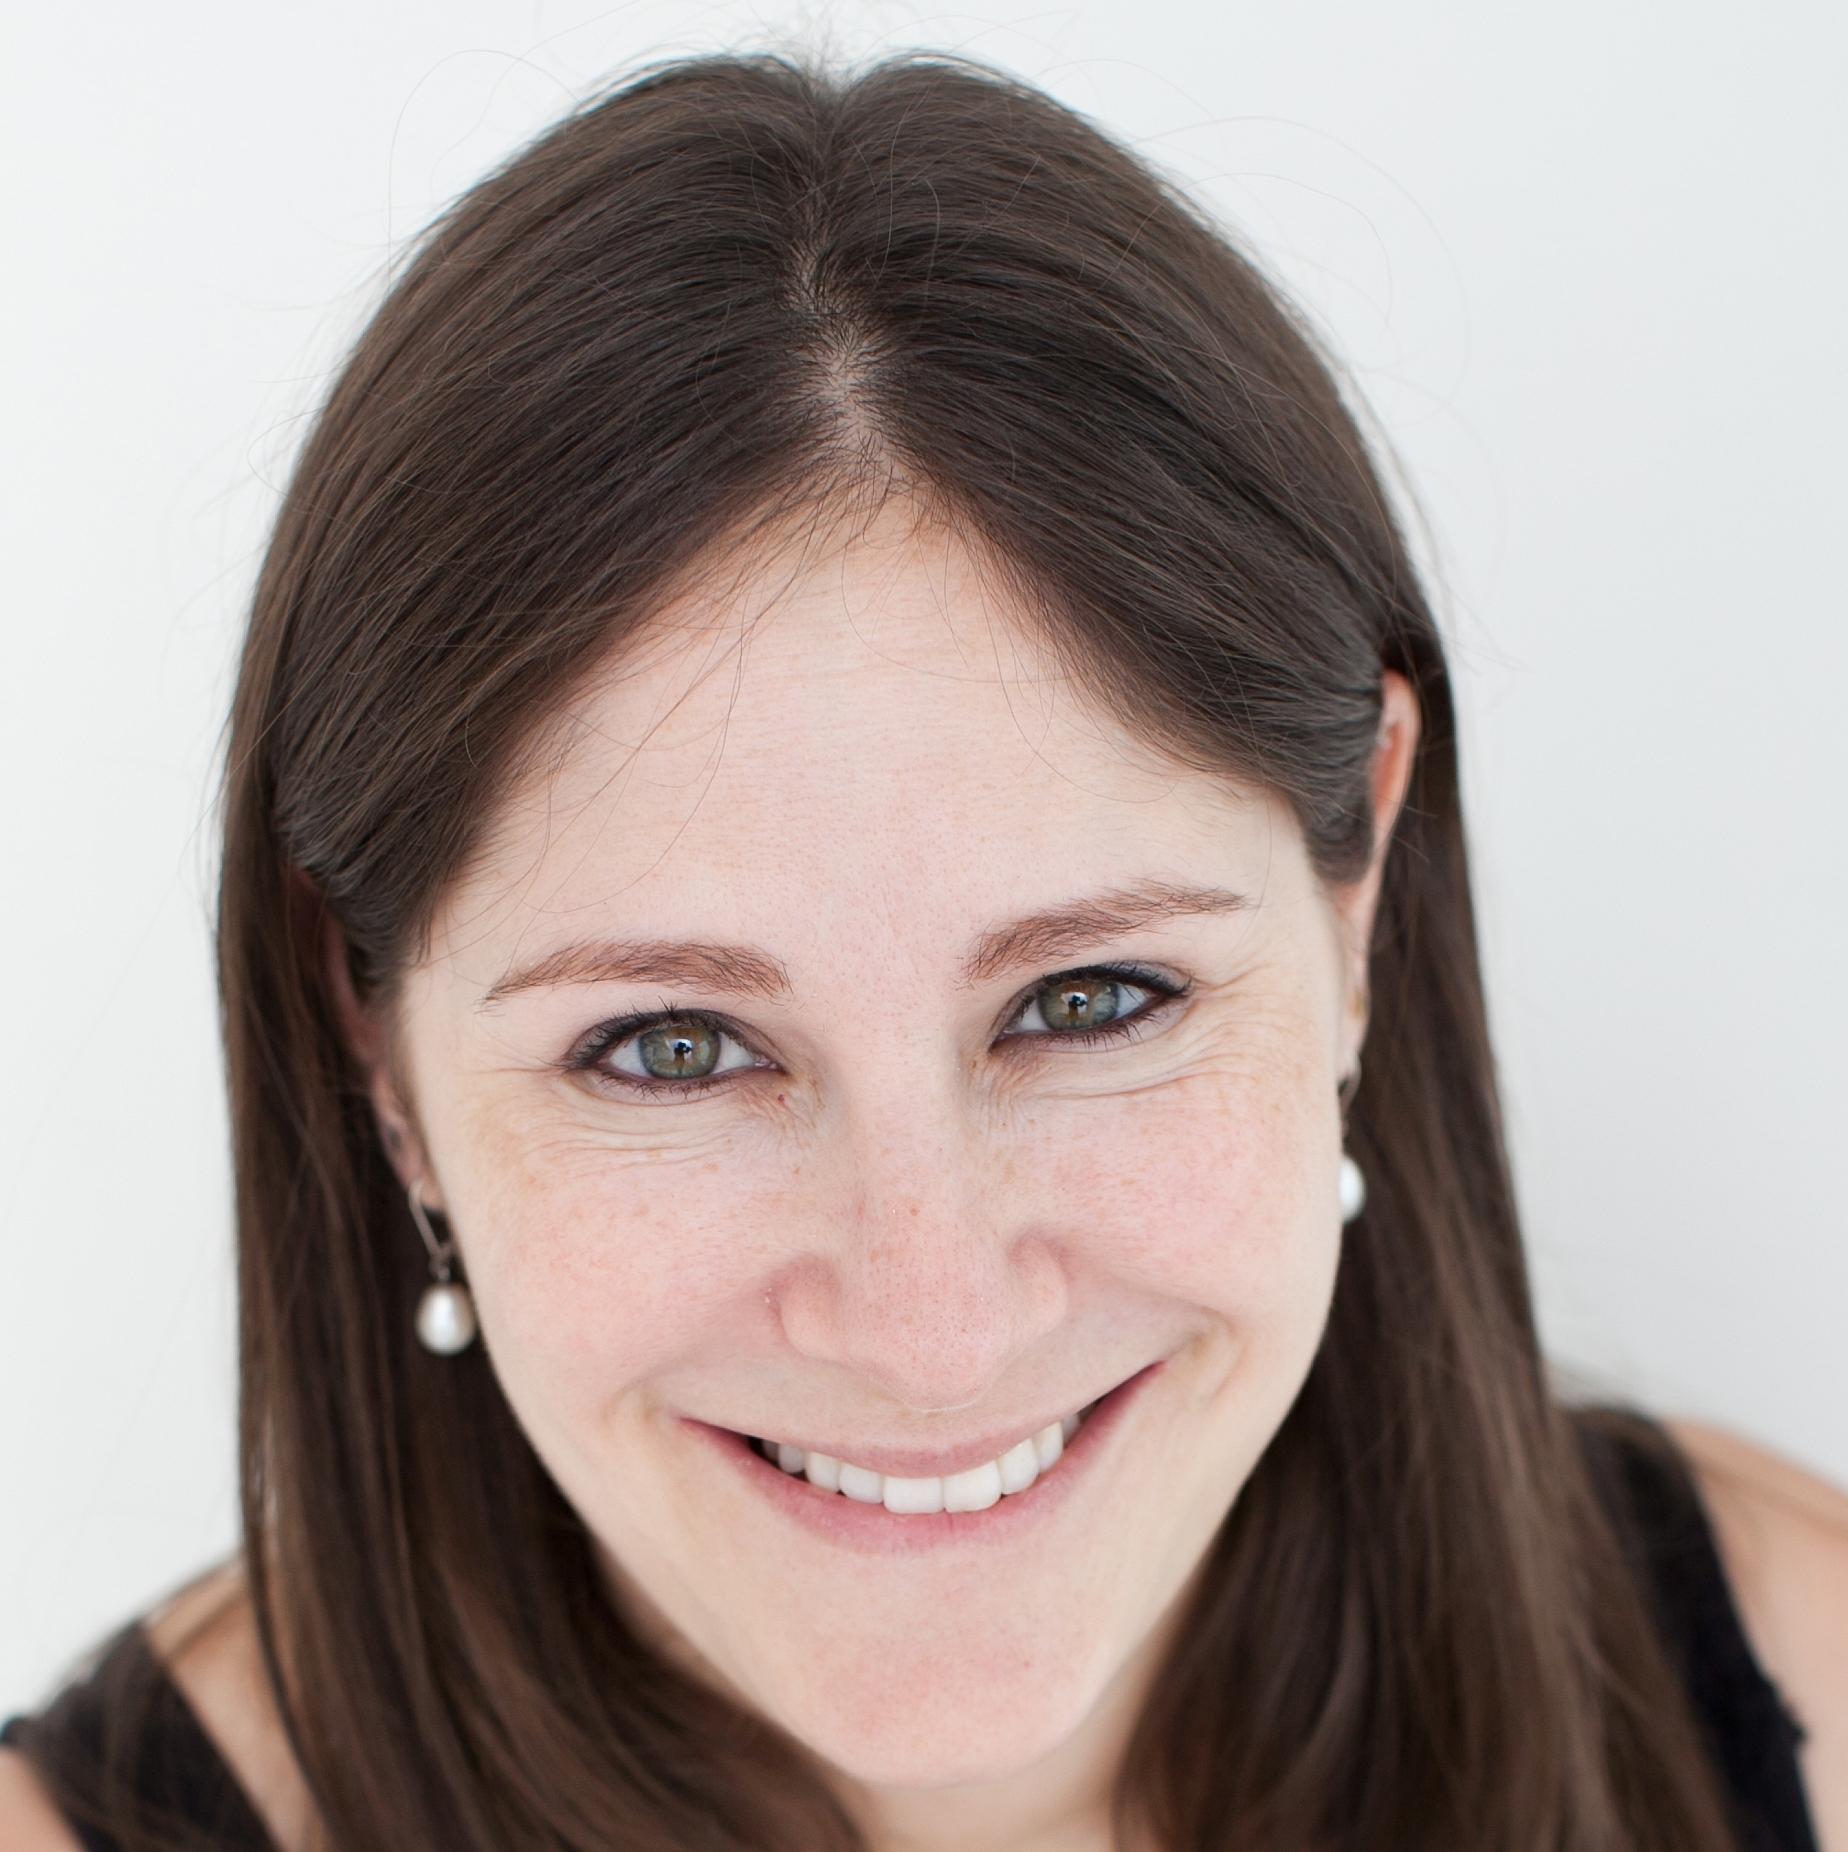 Lauren Corber